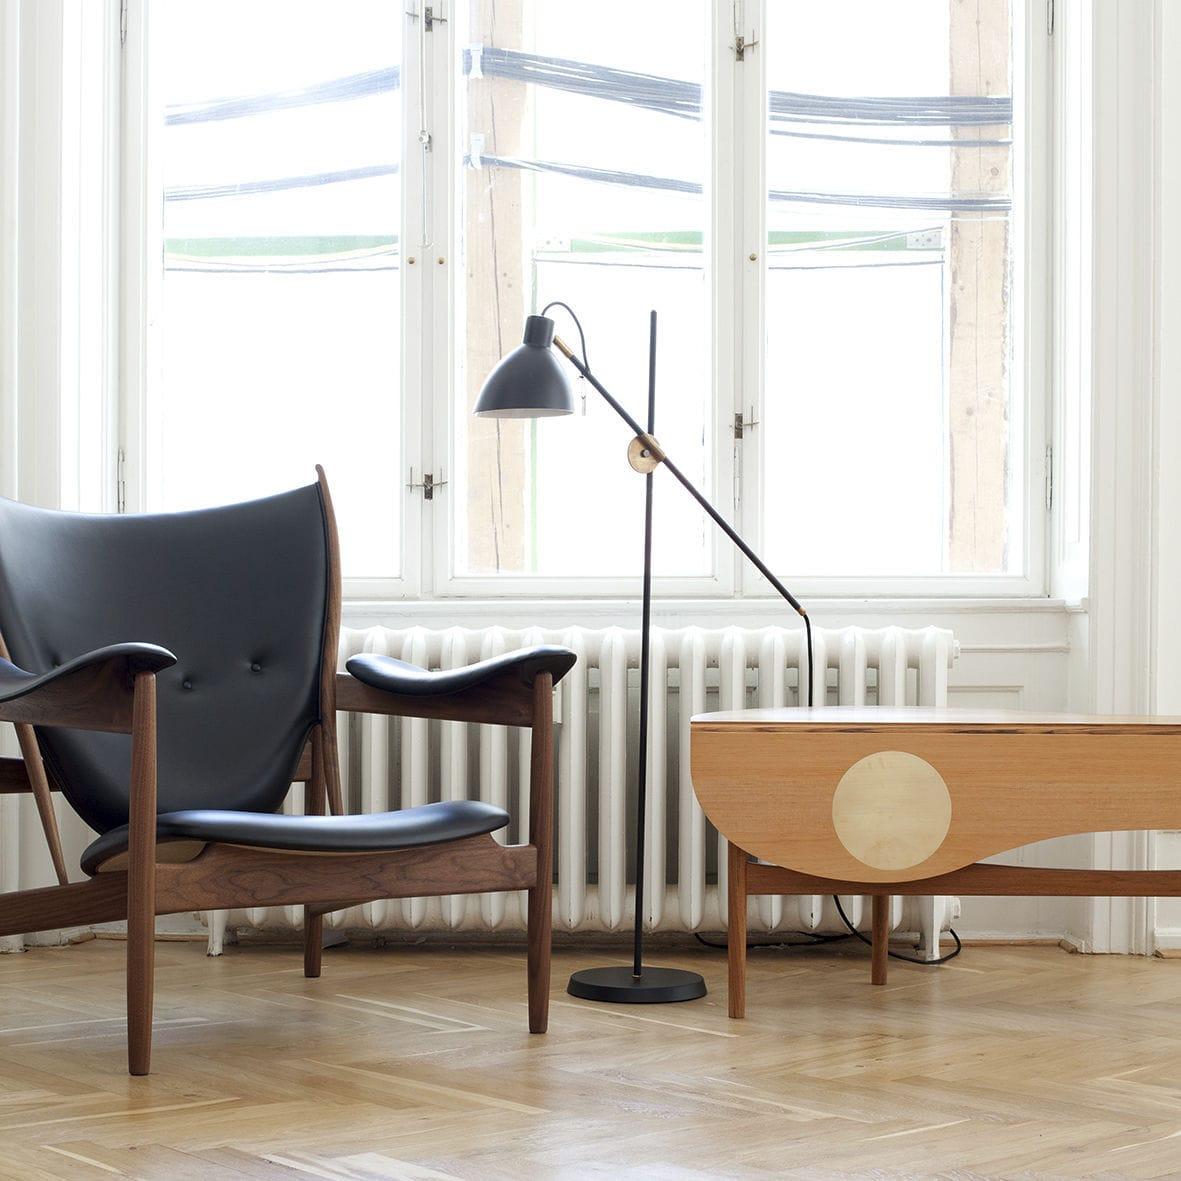 Coffee table / Scandinavian design / teak / pine - BUTTERFLY - ONE ...